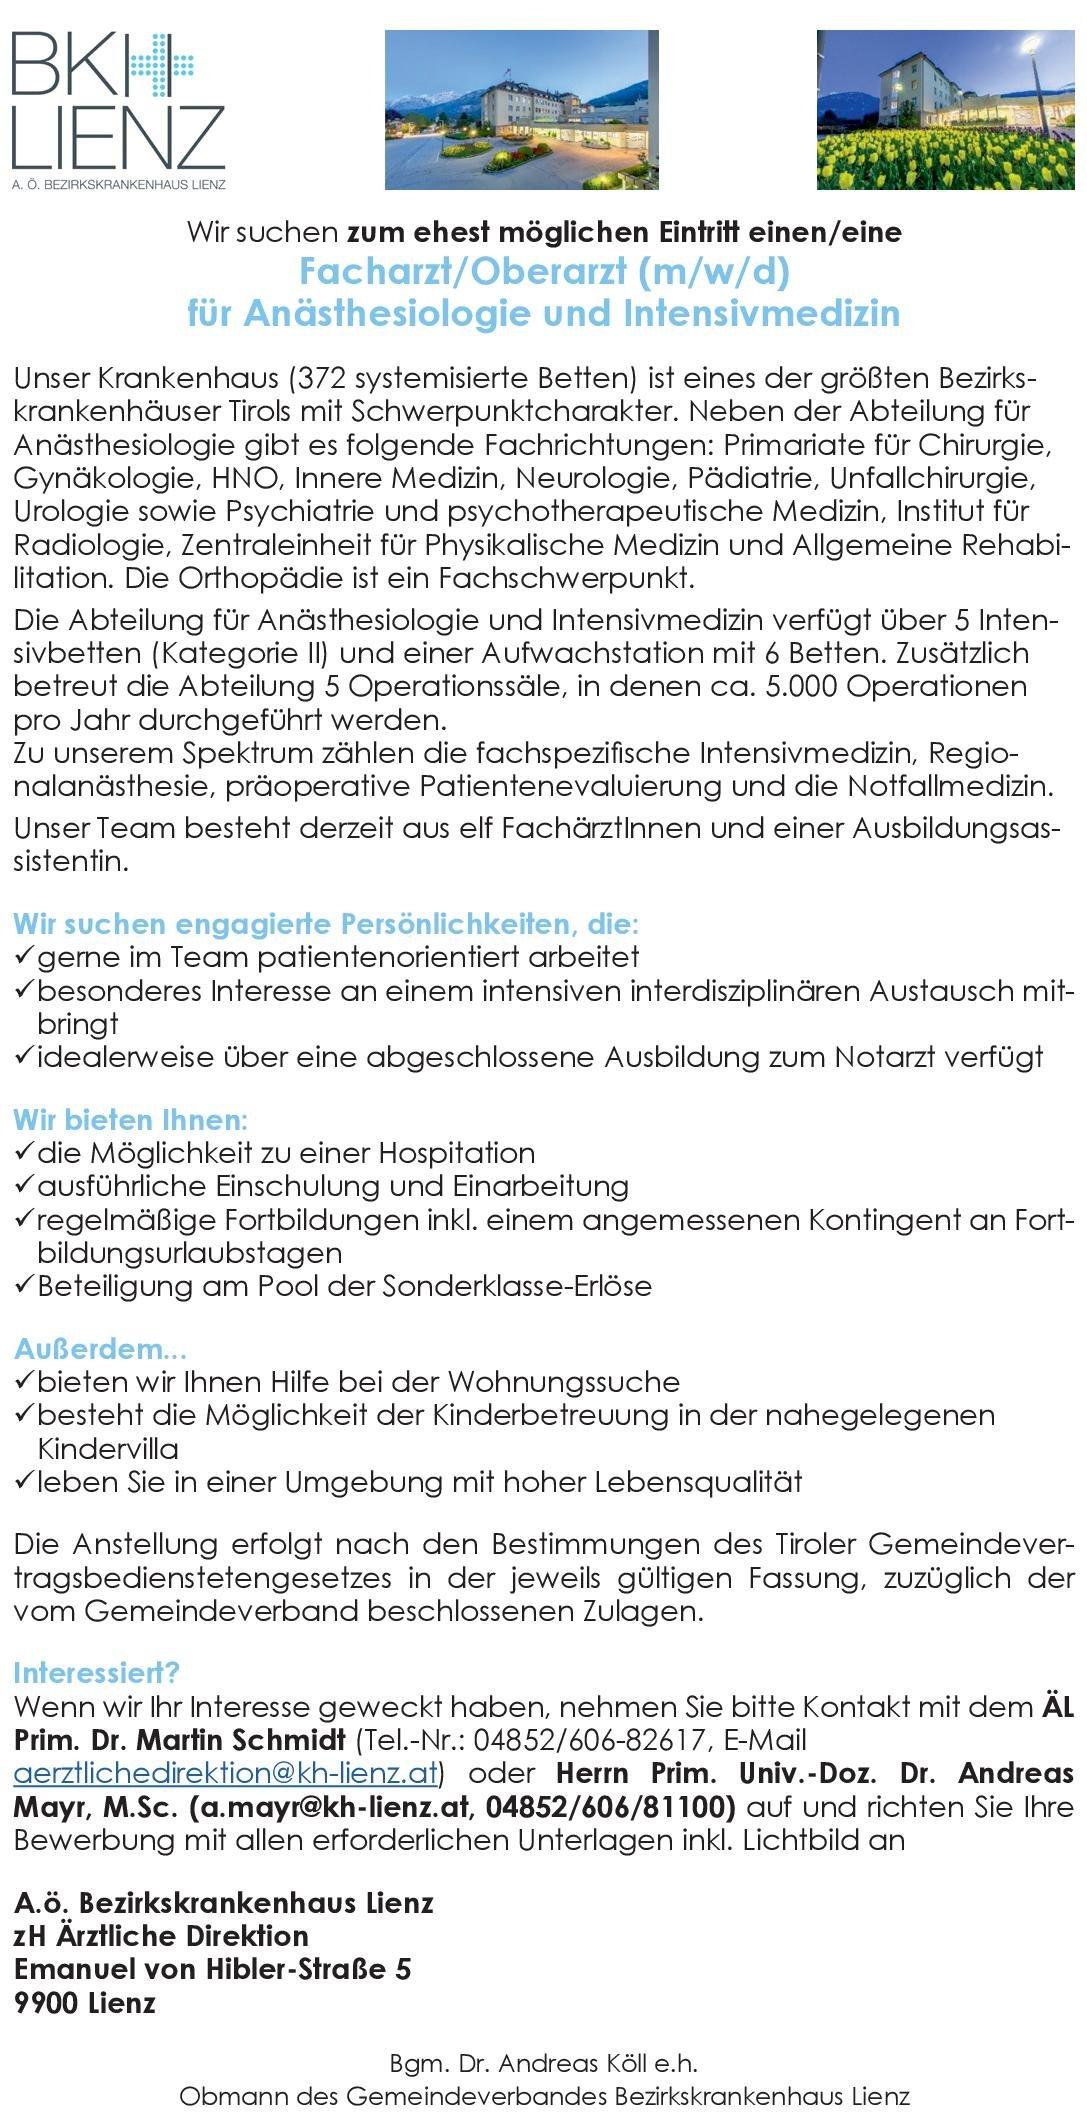 A.ö. Bezirkskrankenhaus Lienz Facharzt (m/w/d) für Anästhesiologie und Intensivmedizin Anästhesiologie / Intensivmedizin Arzt / Facharzt